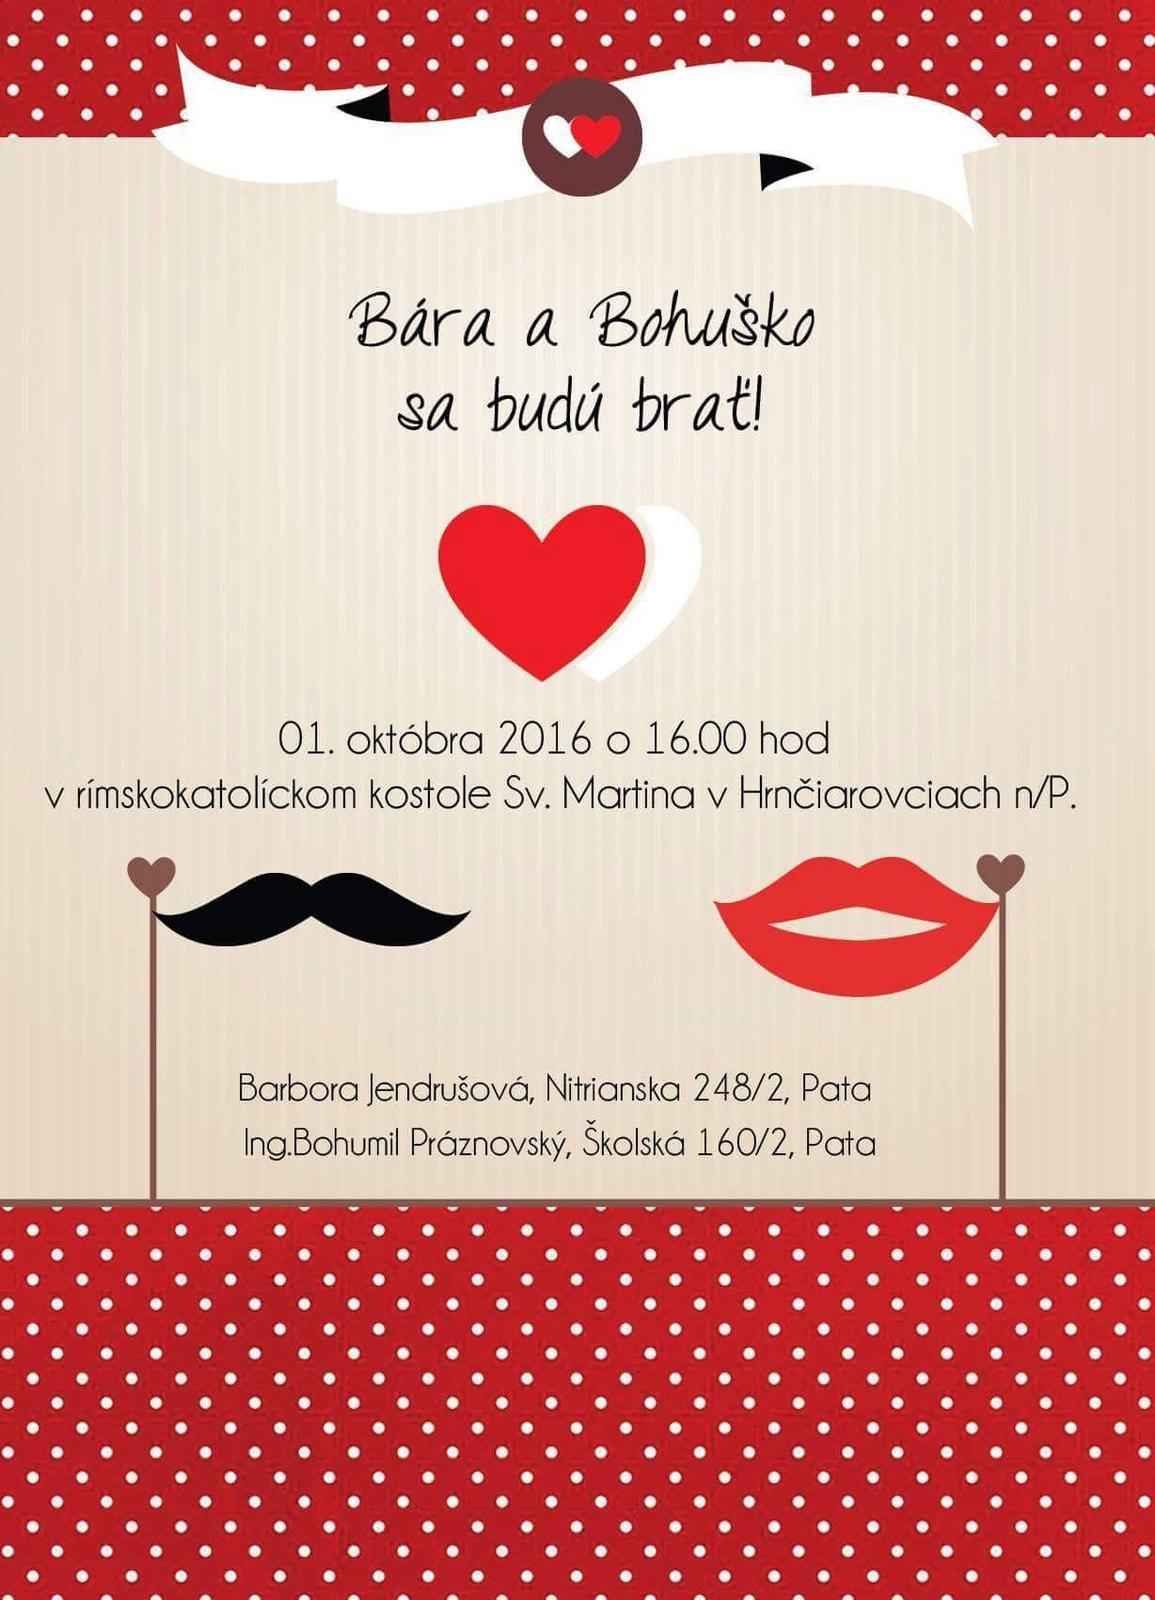 Bára{{_AND_}}Bohuško - Sobáš bol nakoniec v Pate. Úžasné to  bolo celé,veď aj chlapi plakali ! :-)